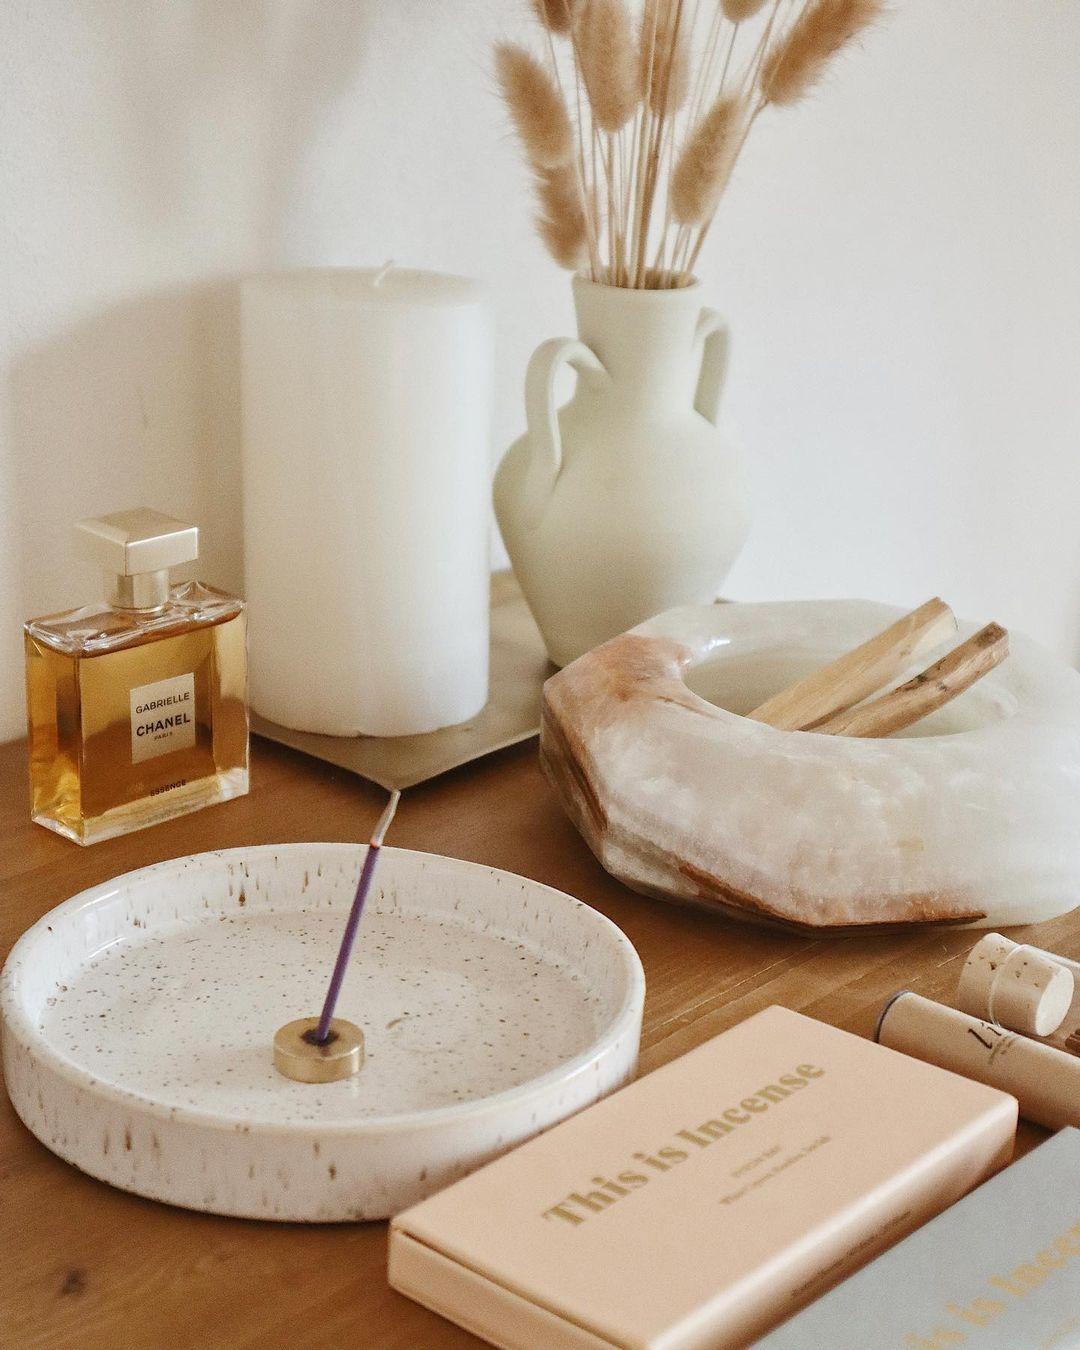 おうち時間にお香を楽しむ様子。お香を活用したインテリアコーディネート。